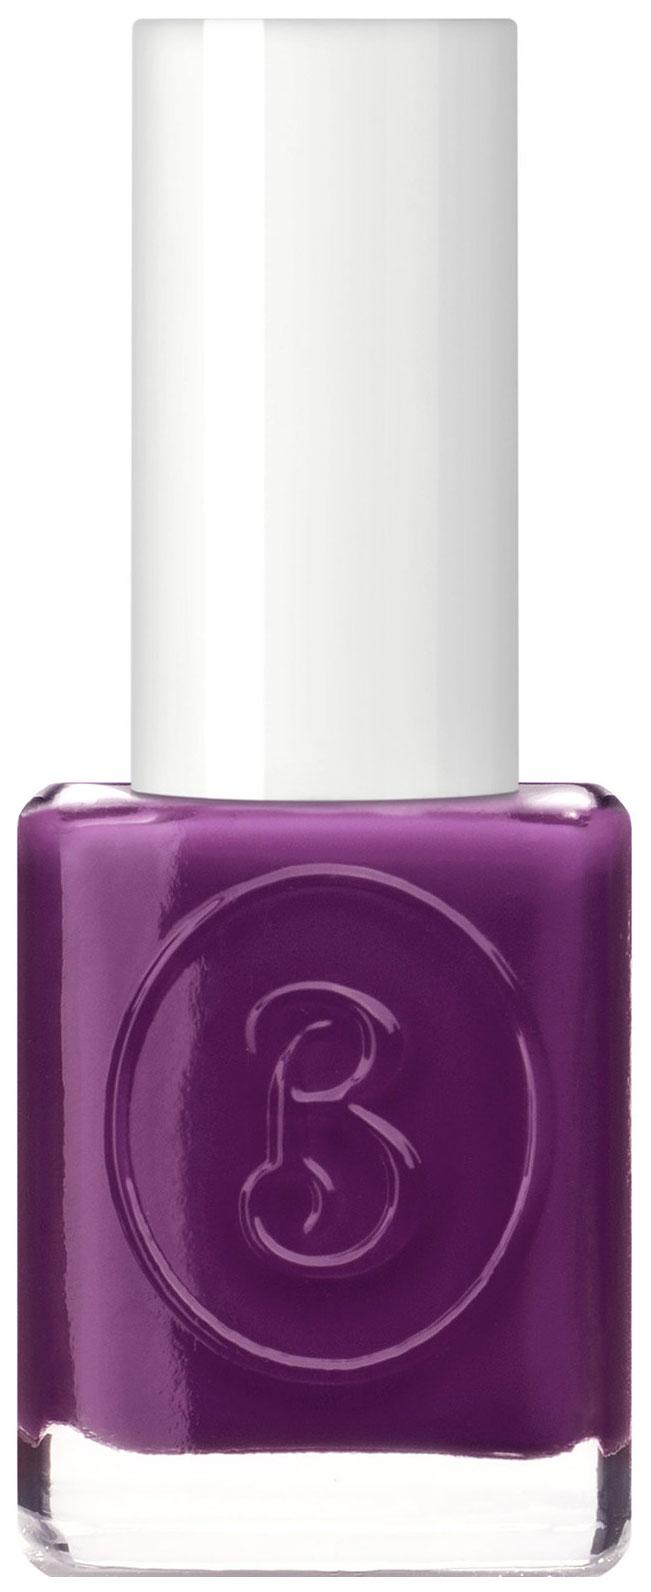 Лак для ногтей Berenice Oxygen 21 Purple Temptation 15 мл по цене 335